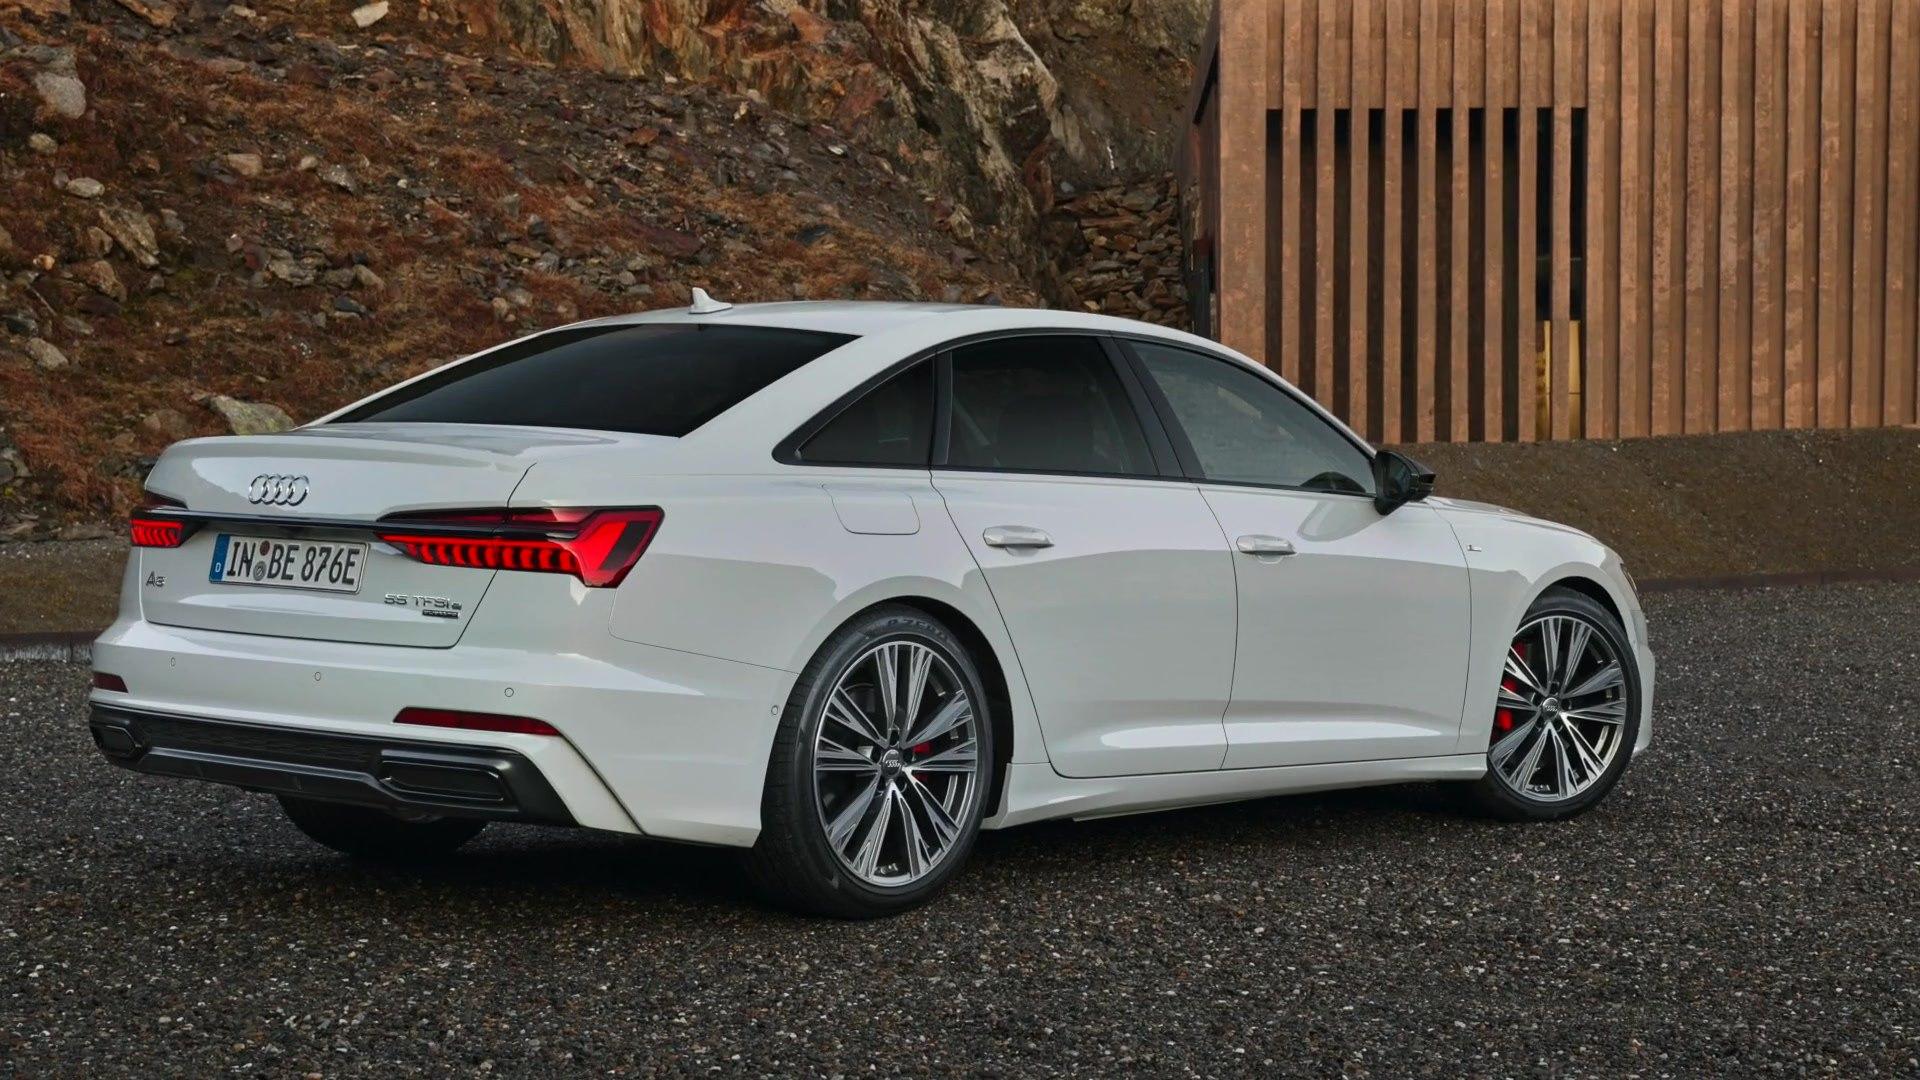 Kelebihan Kekurangan Audi A6 Sedan Tangguh